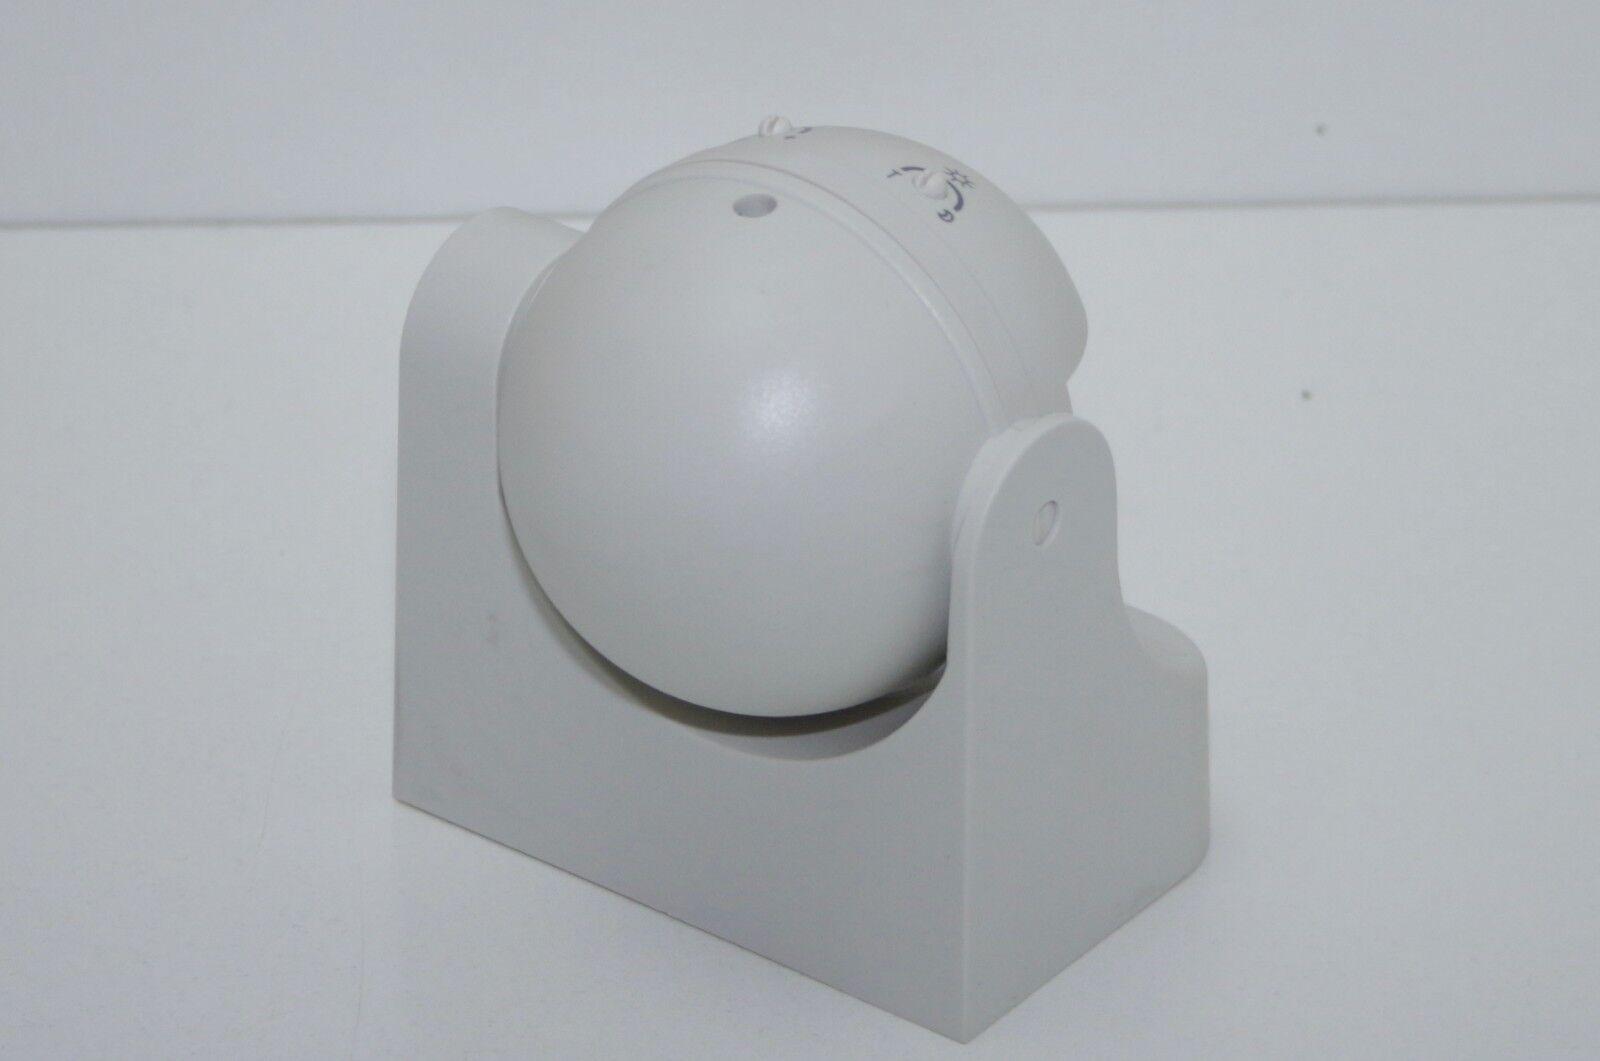 4x KNOPEX Bewegungsmelder 180° Sichtfeld 1100 1100 1100 Watt NEU  9734 afcba2